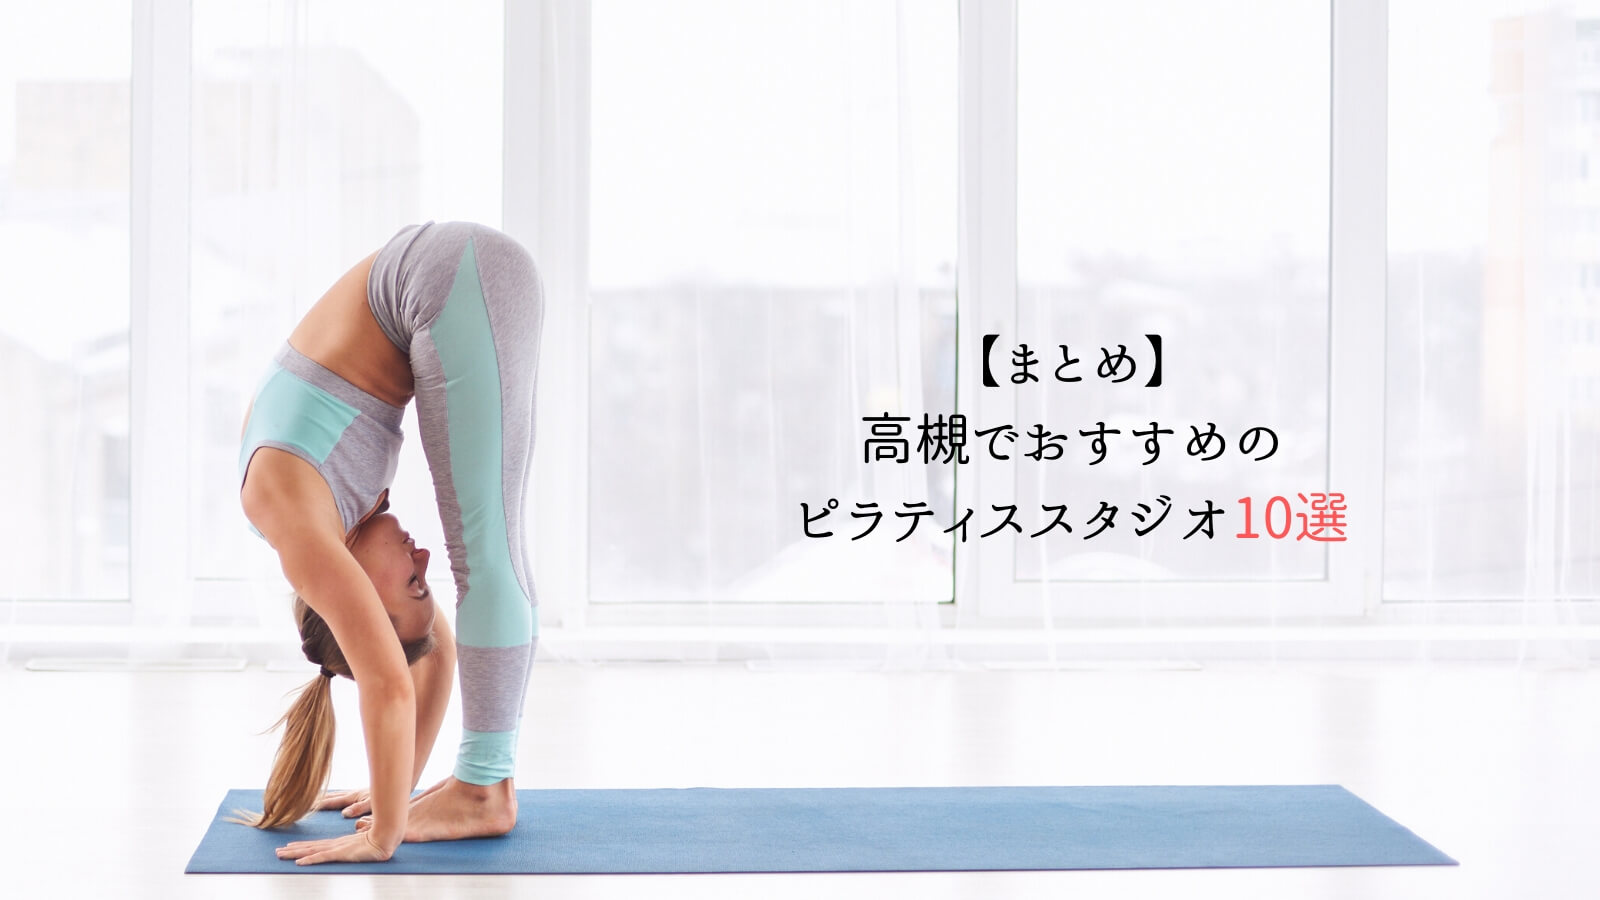 【まとめ】高槻でおすすめのヨガ・ホットヨガスタジオ10選